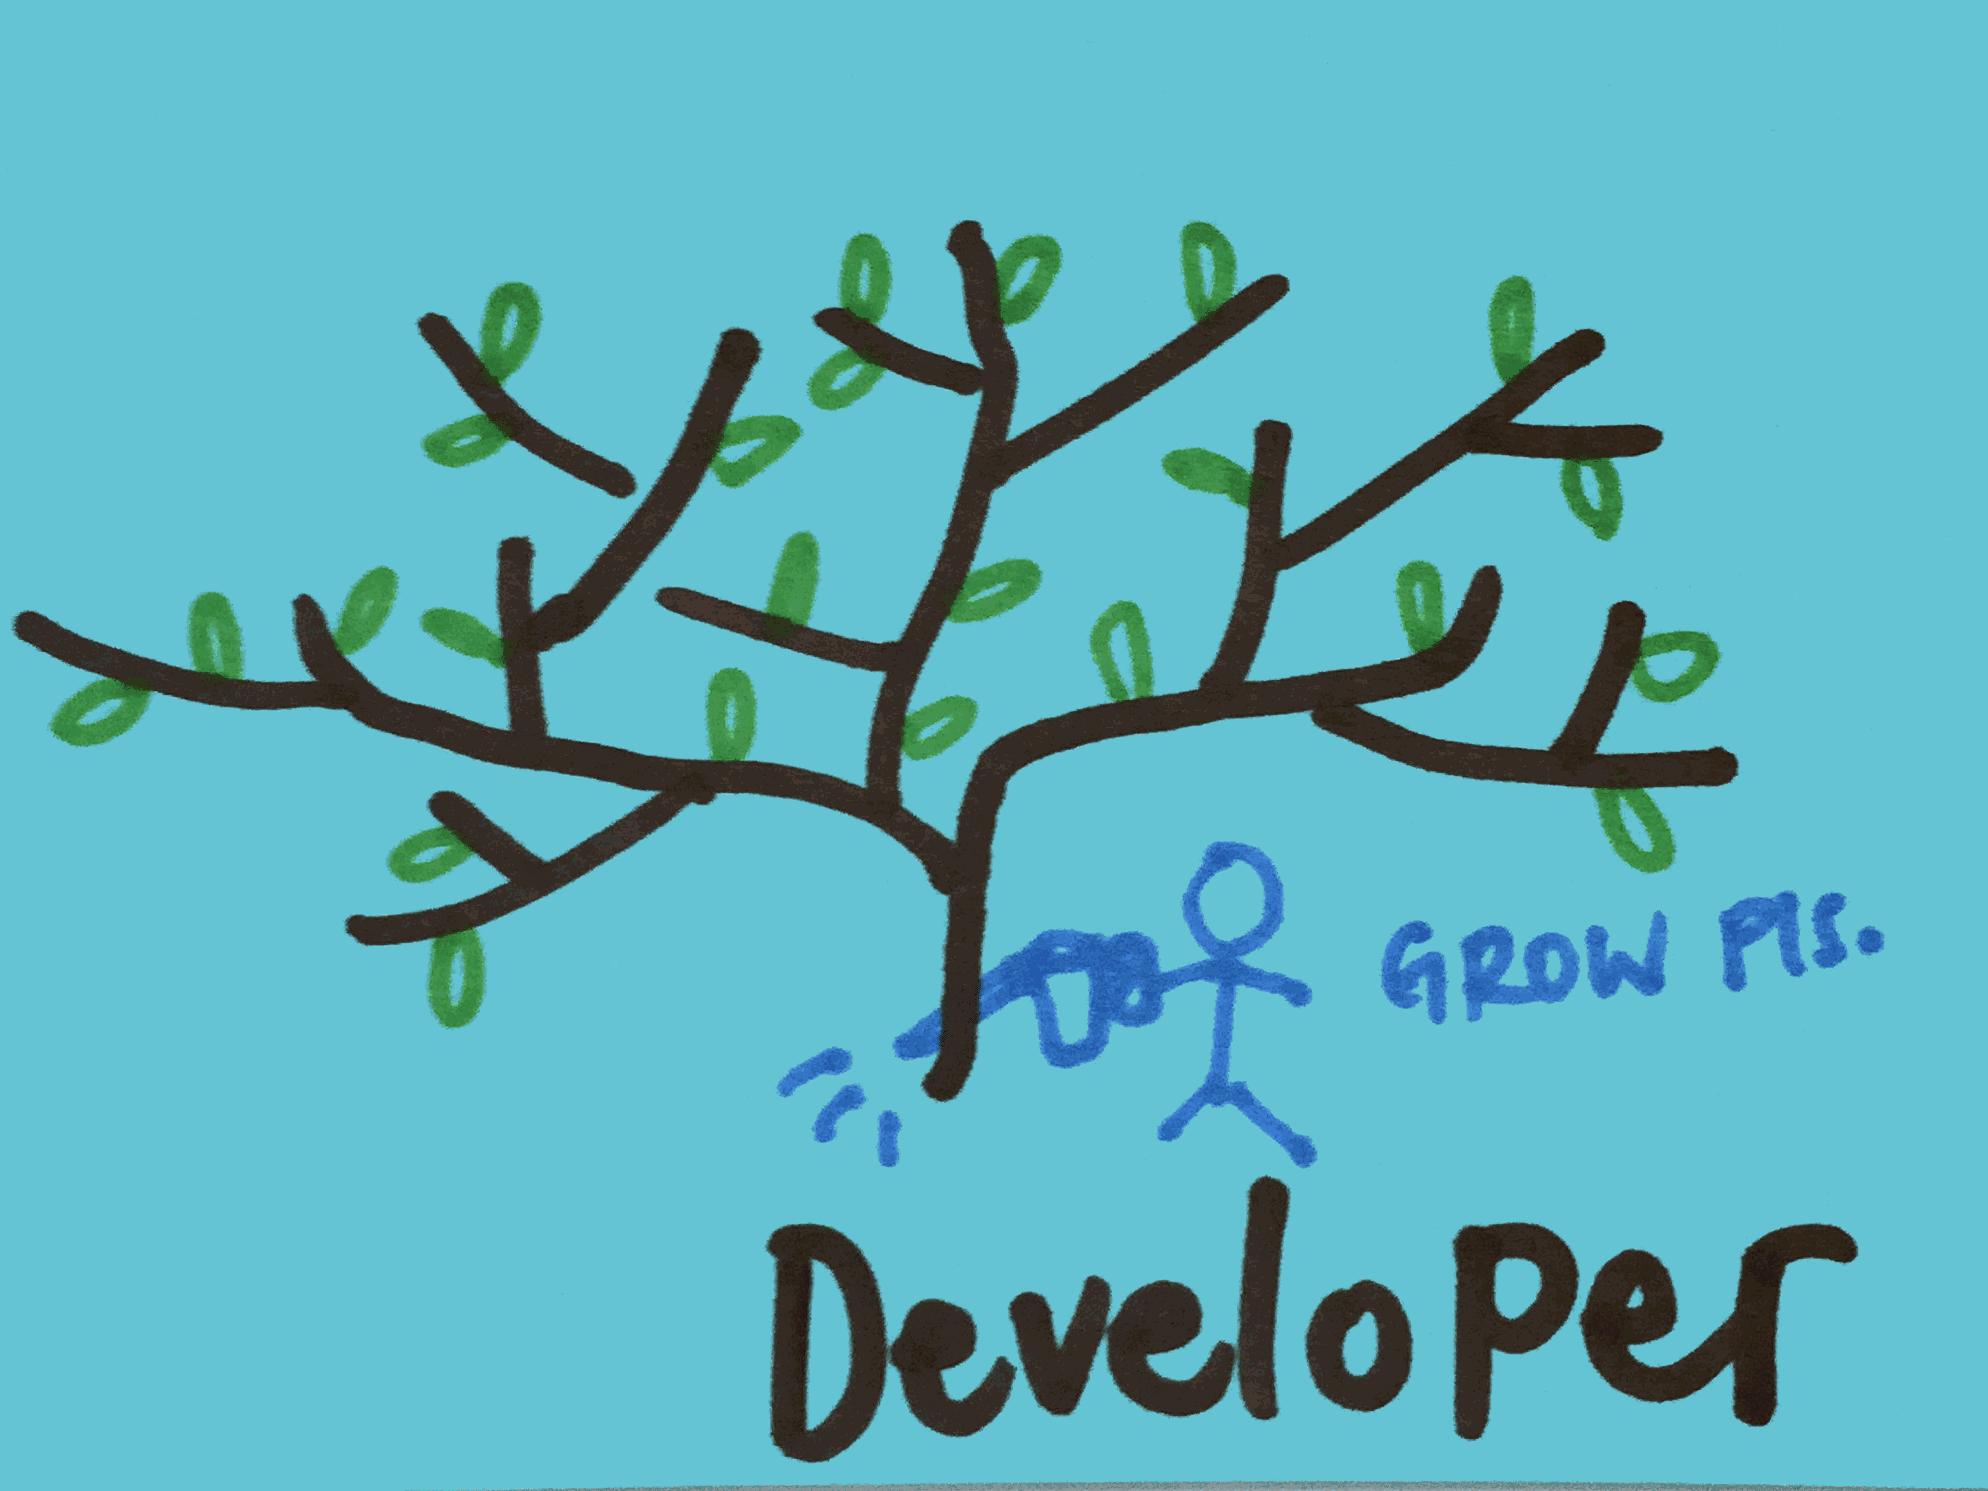 Developer Strengthsfinder Watering Tree Growing